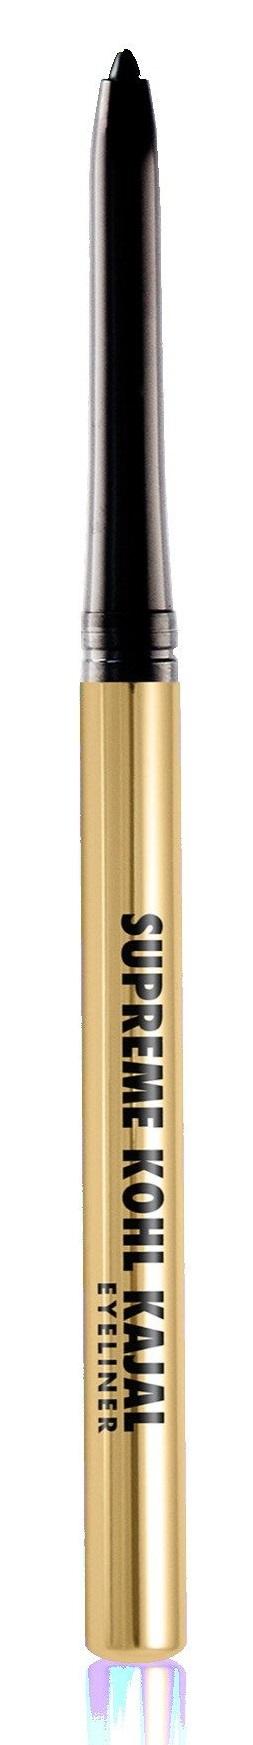 Milani Supreme Kohl Kajal Eyeliner Pencil